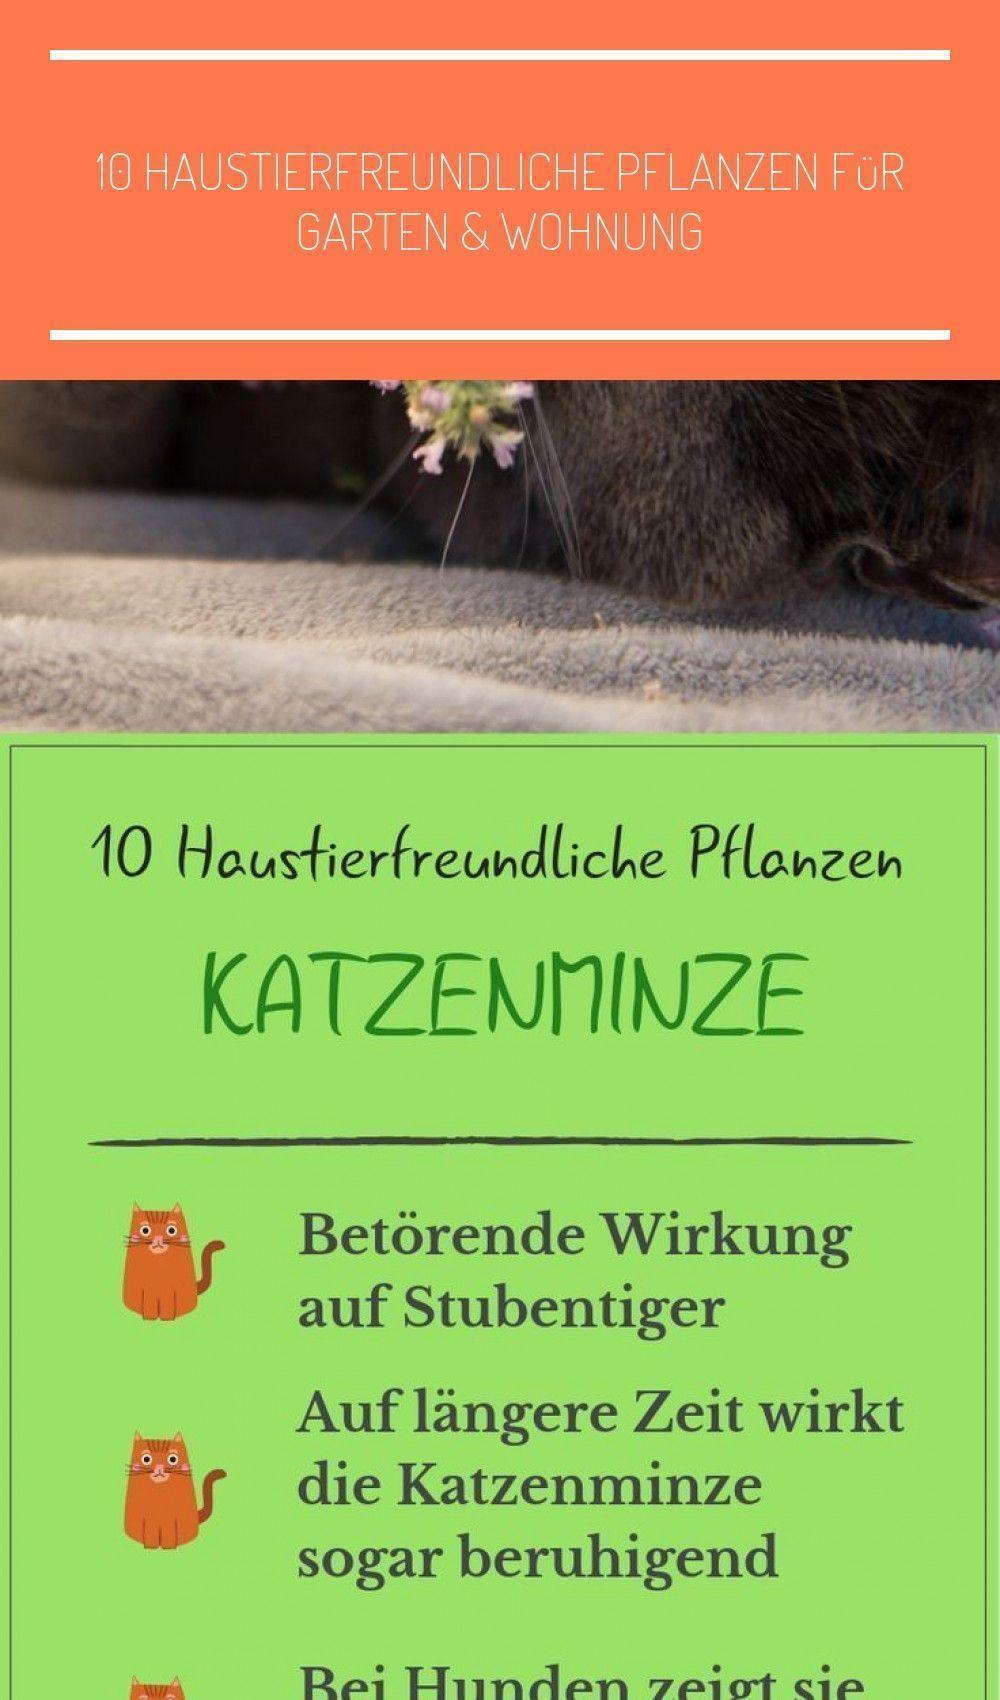 10 tierfreundliche Pflanzen, # Pflanzen # tierfreundlich # Katze # Katze süß # Katzenfutter ..., #Katze #Katzenfutter #Pflanzen #SÜS #tierfreundlich #Tierfreundliche